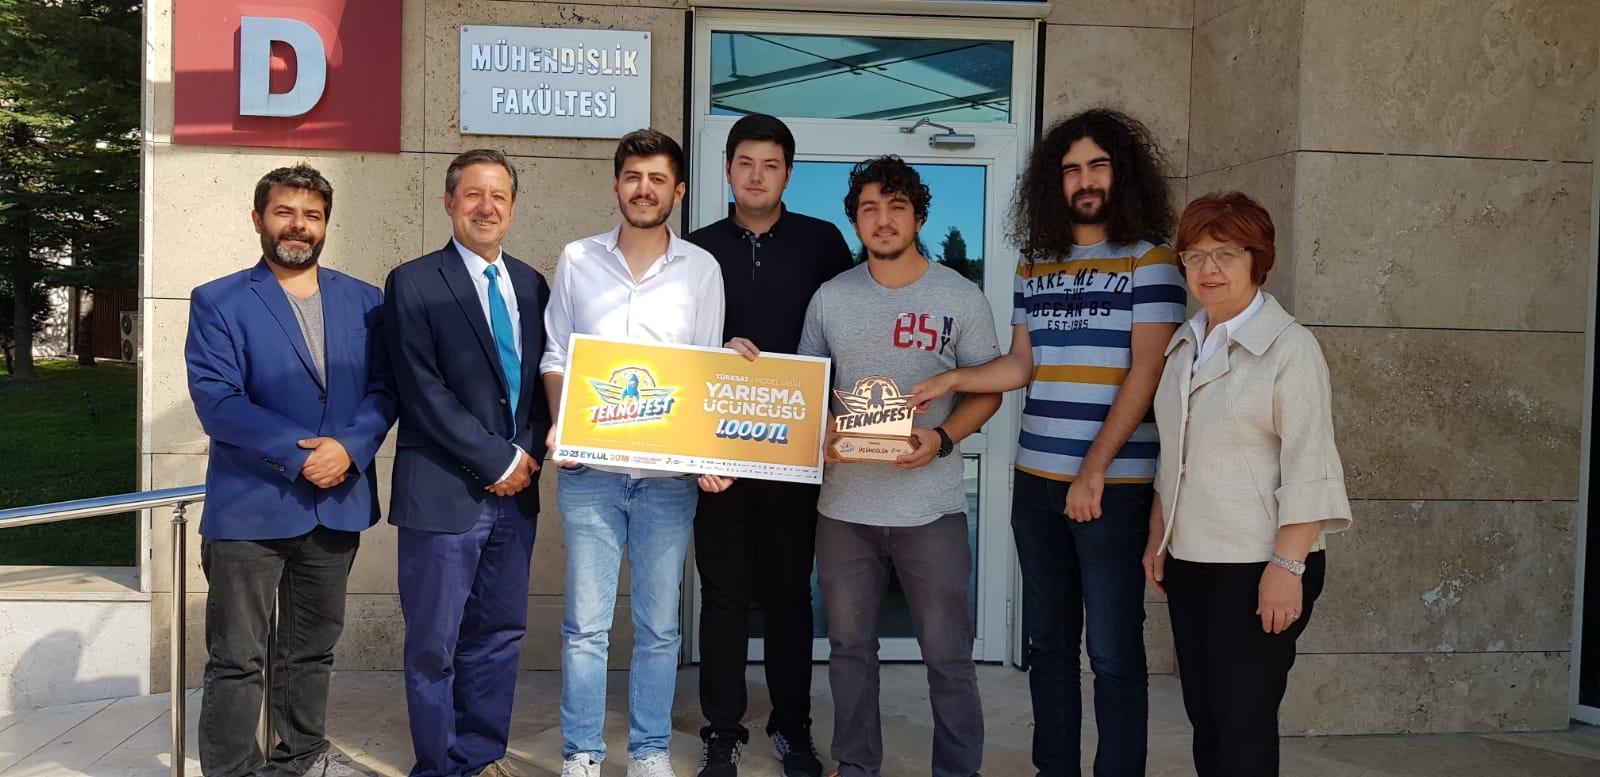 Başkent Üniversitesinin öğrencilerinin